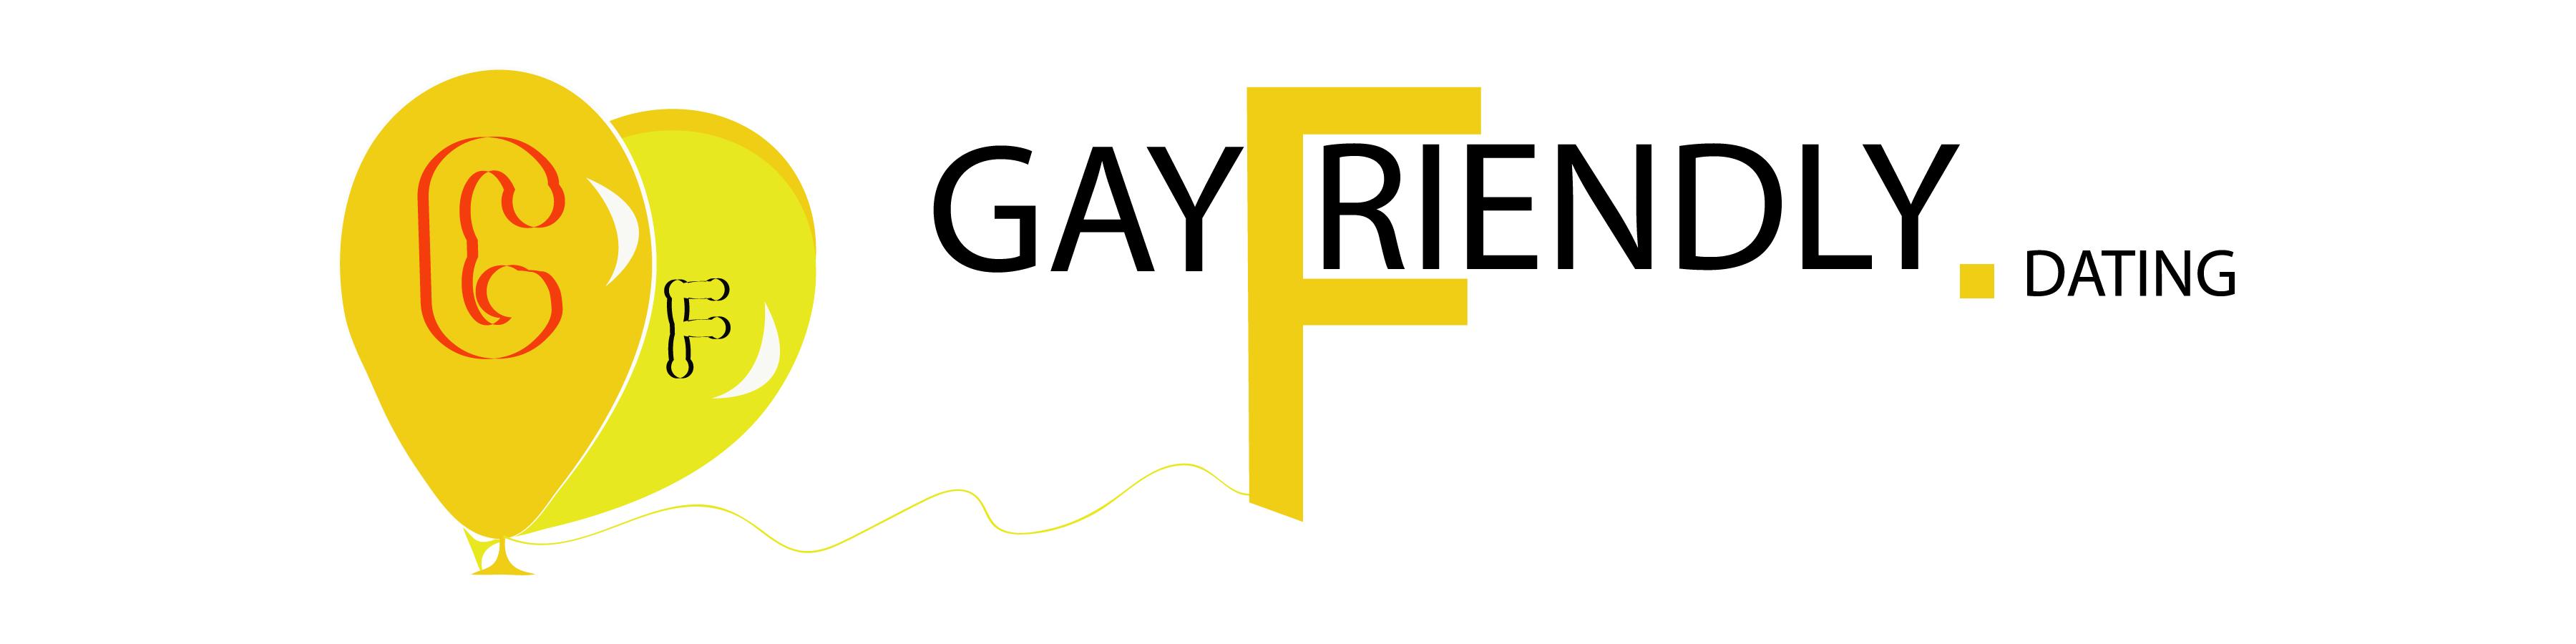 Разработать логотип для англоязычн. сайта знакомств для геев фото f_8015b448a4b1d531.jpg